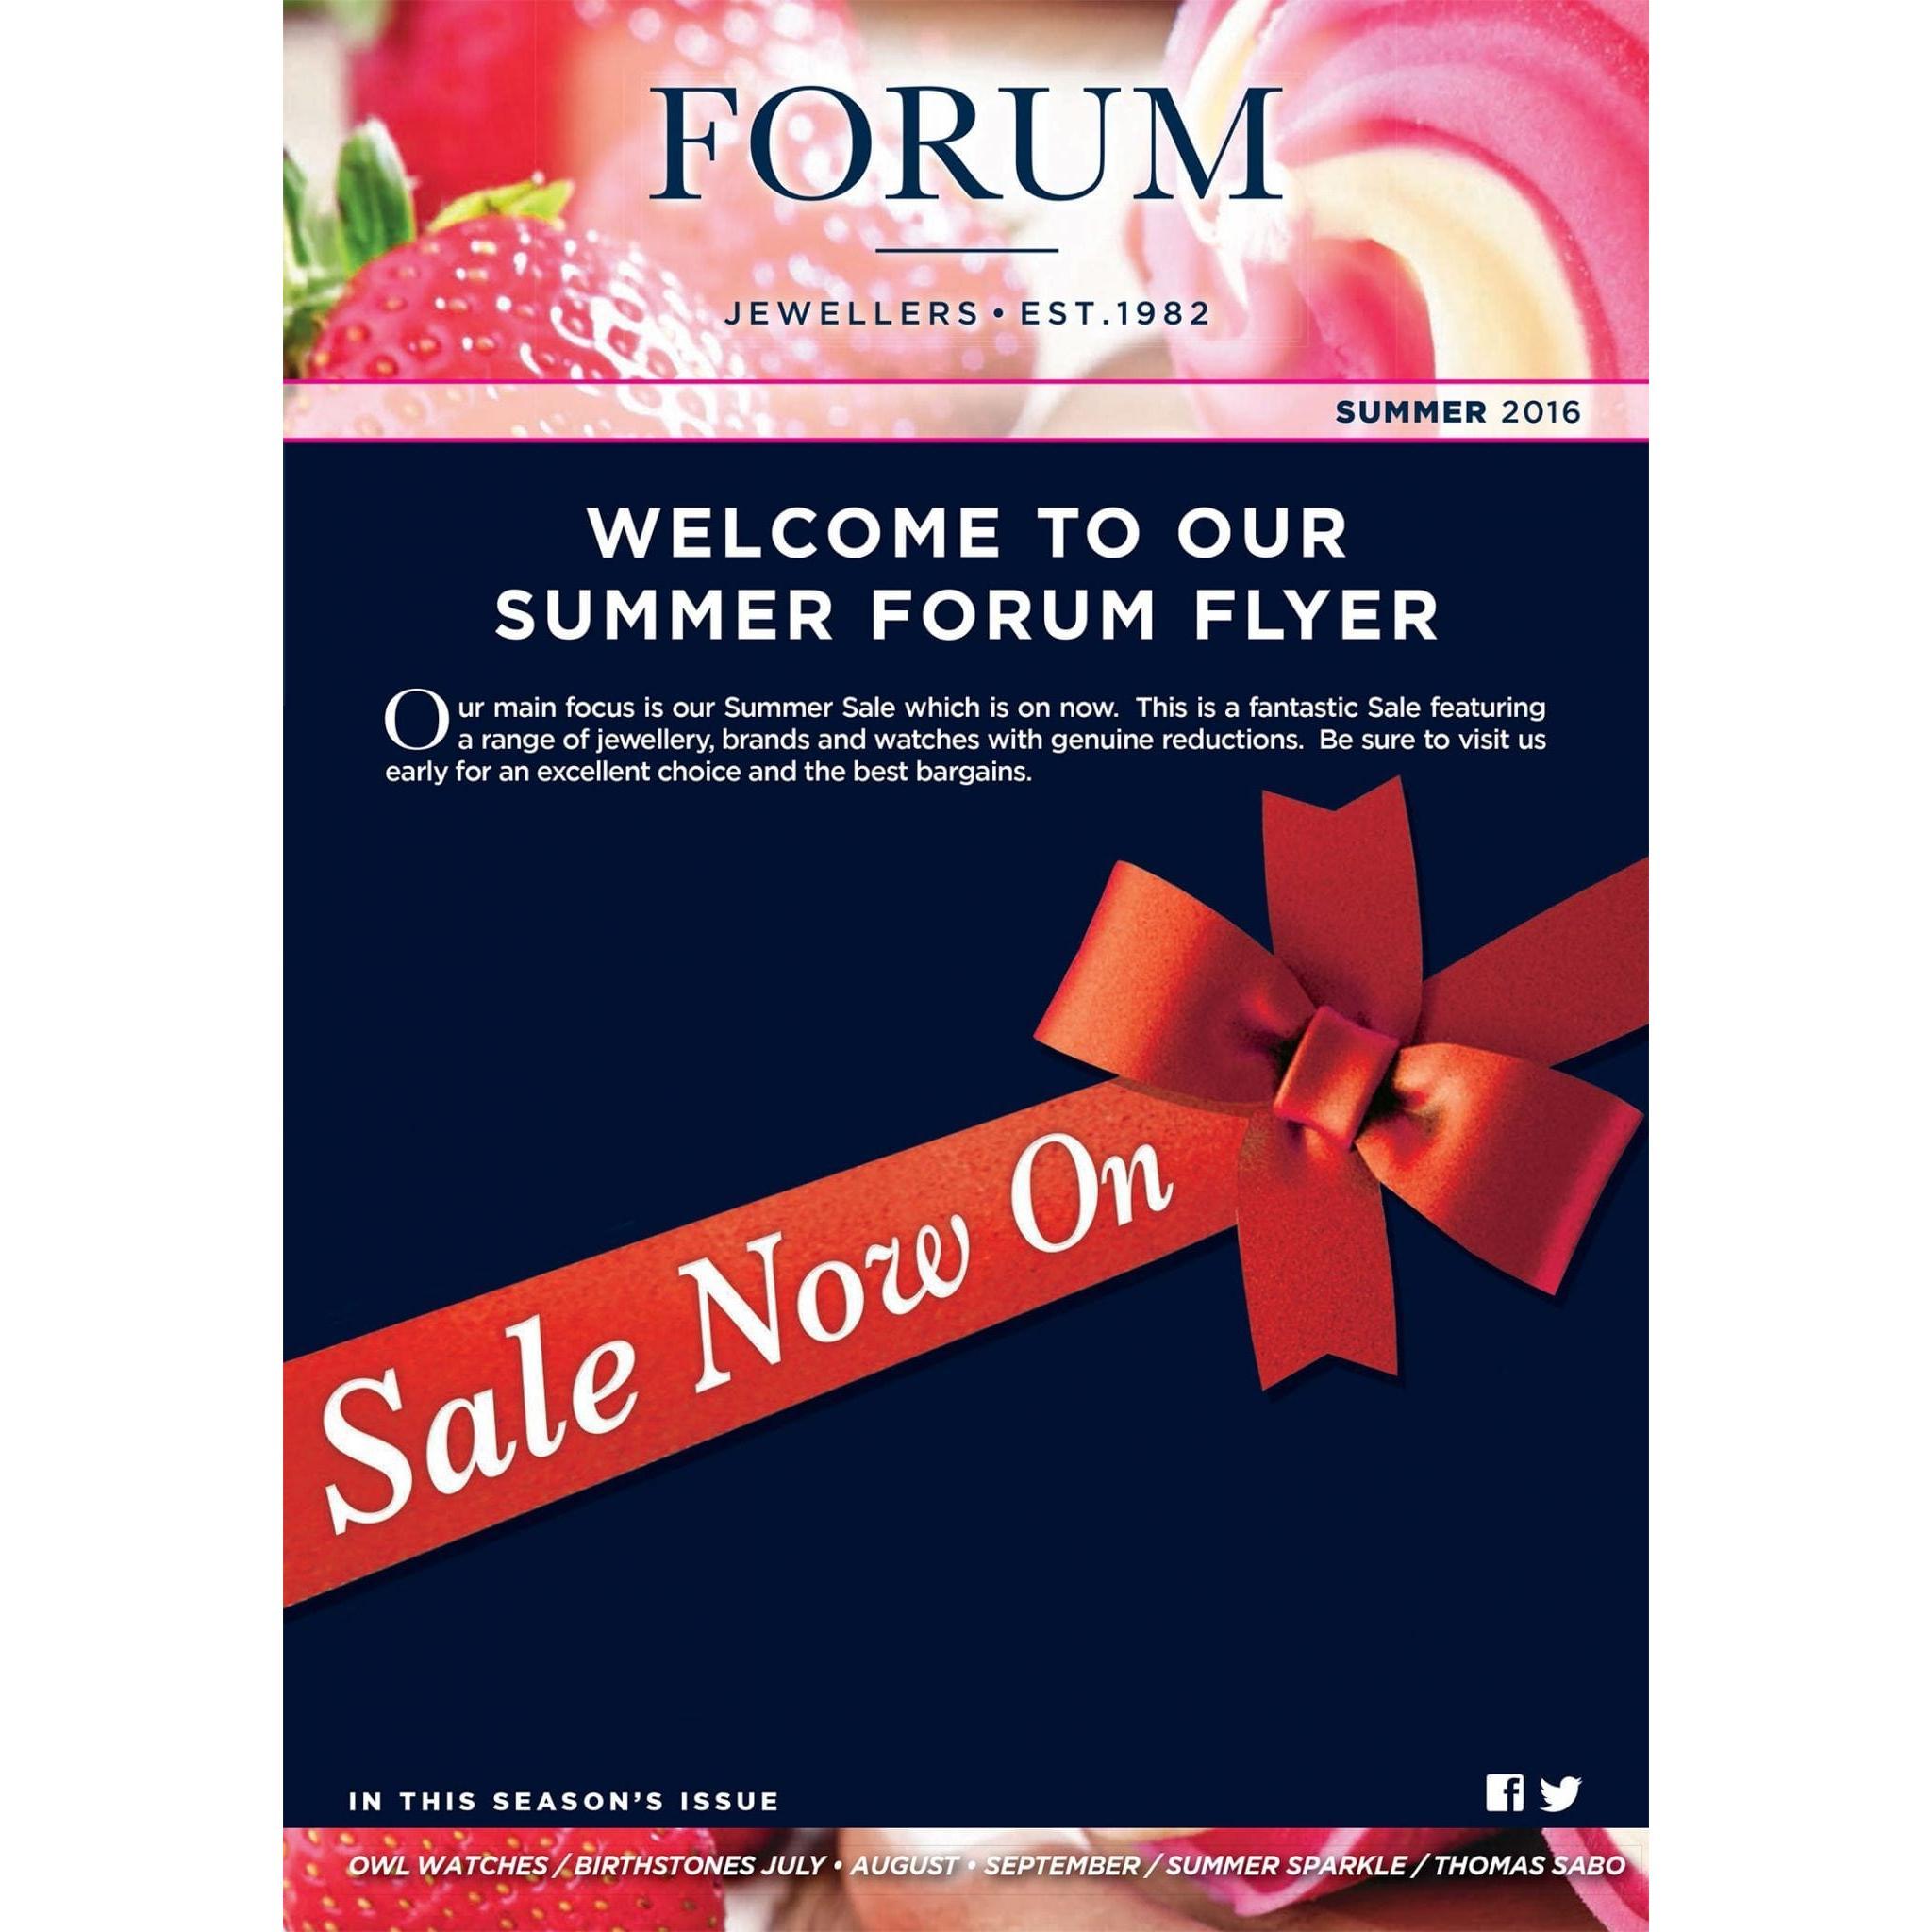 Forum jewellers Poole newsletter